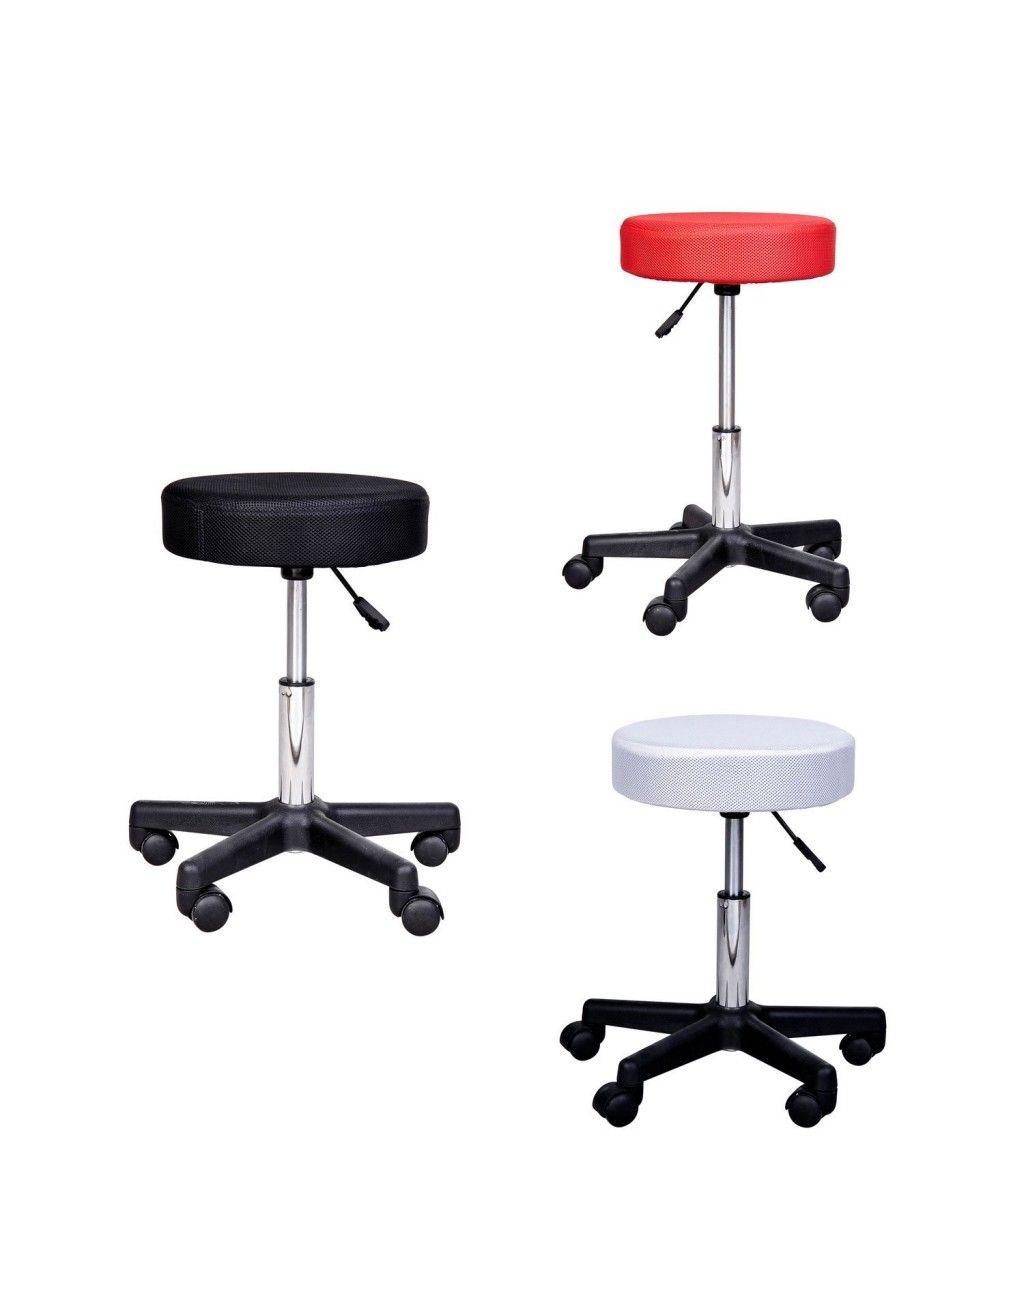 Produit du jour : Tabouret à roulettes  Fiche produit :  • Matériau: Tissu textile+Éponge • Diamètre de l'assise: 35cm • Épaisseur de l'assise: 8cm • Hauteur du siège: 45cm • Hauteur réglable: 10m • Charge maximale: 100kg • Fourni avec trois housses de protection échangeables (rouge, noir, blanc) Référence : 71-0015  Tarif : 49,90€  Lien : http://touttrouver.com/index.php?id_product=163&controller=product #homedesign #maison #deco